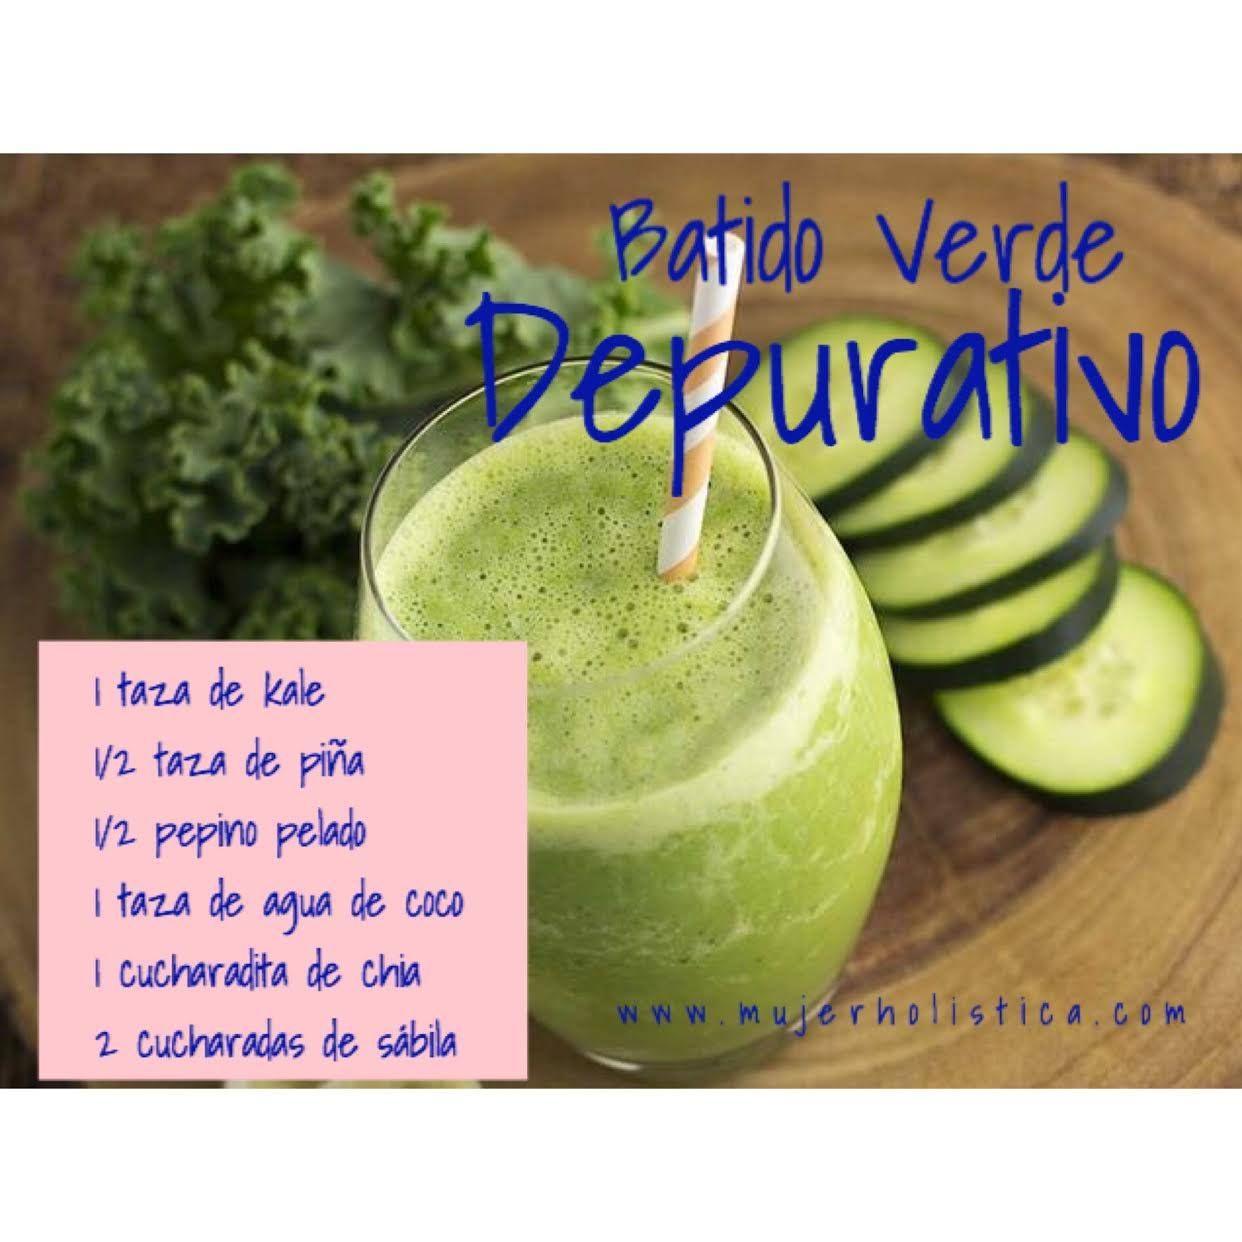 El kale es altamente desintoxicante y limpia el hígado y la sangre ...